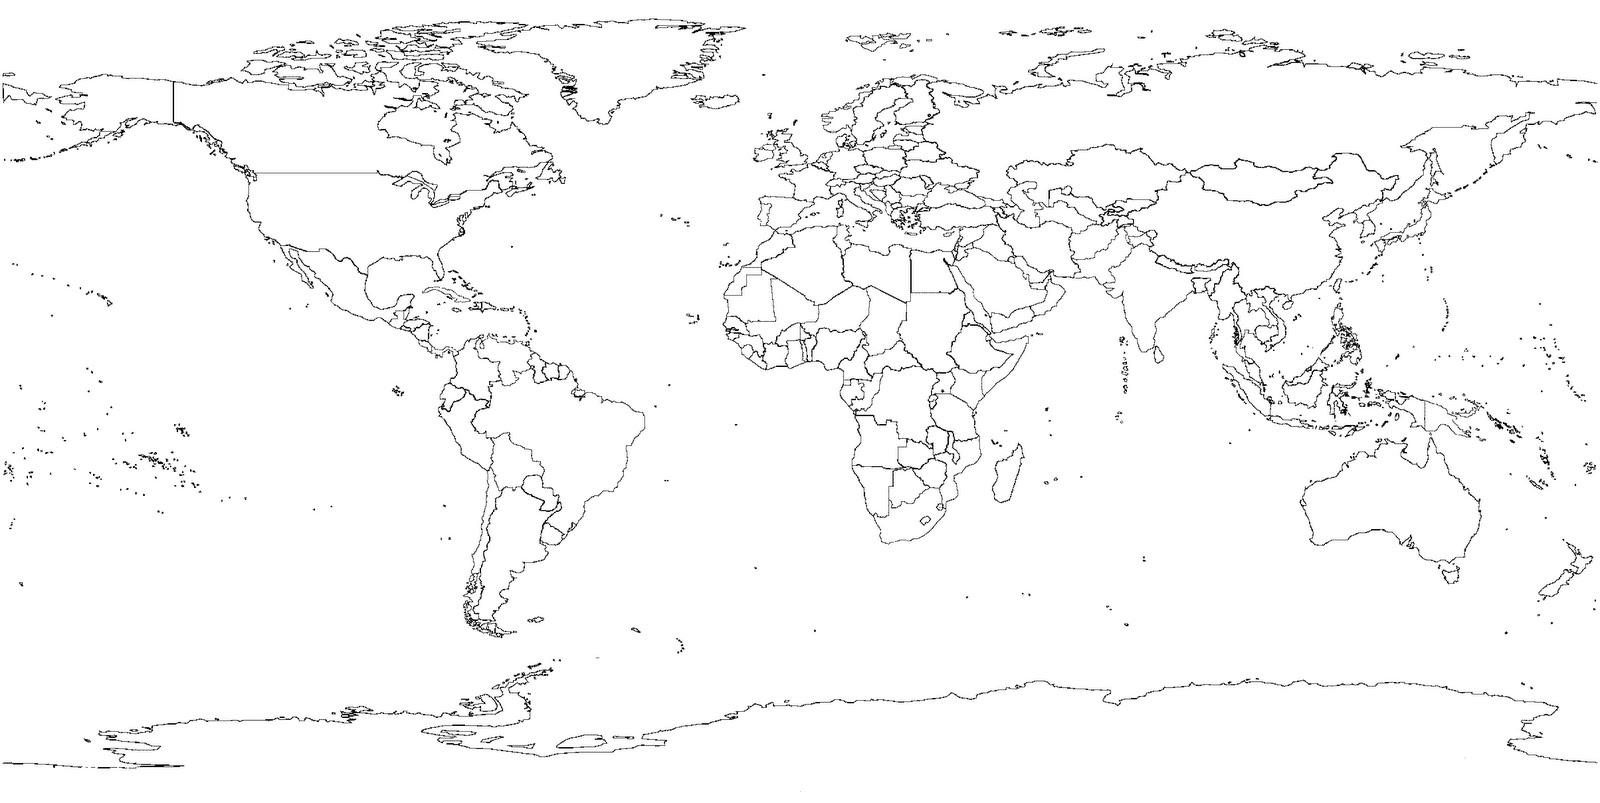 Mapa Del Mundo Mudo.Mapa Mudo Mundi Mapa